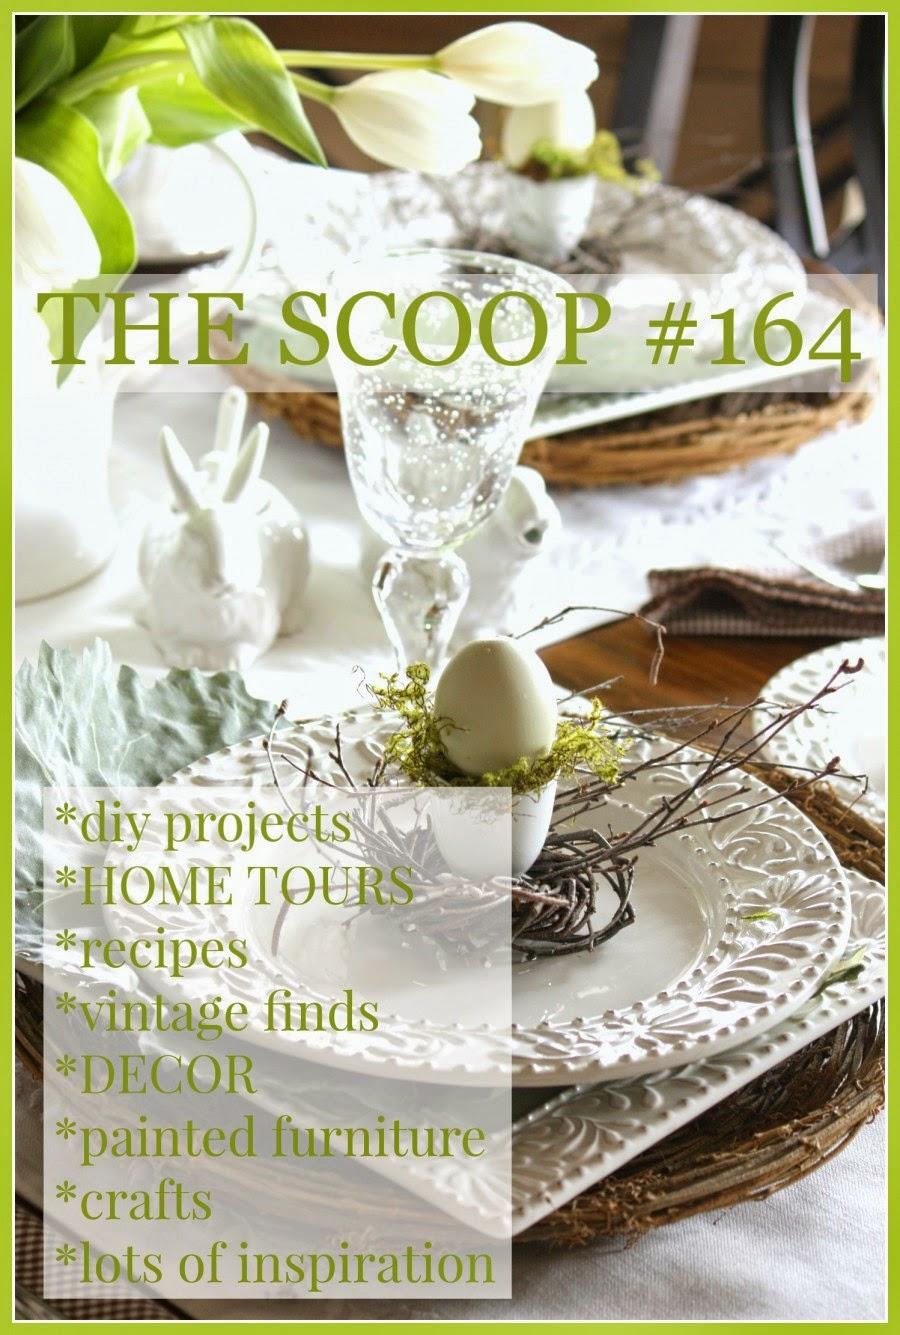 http://www.stonegableblog.com/the-scoop-165/